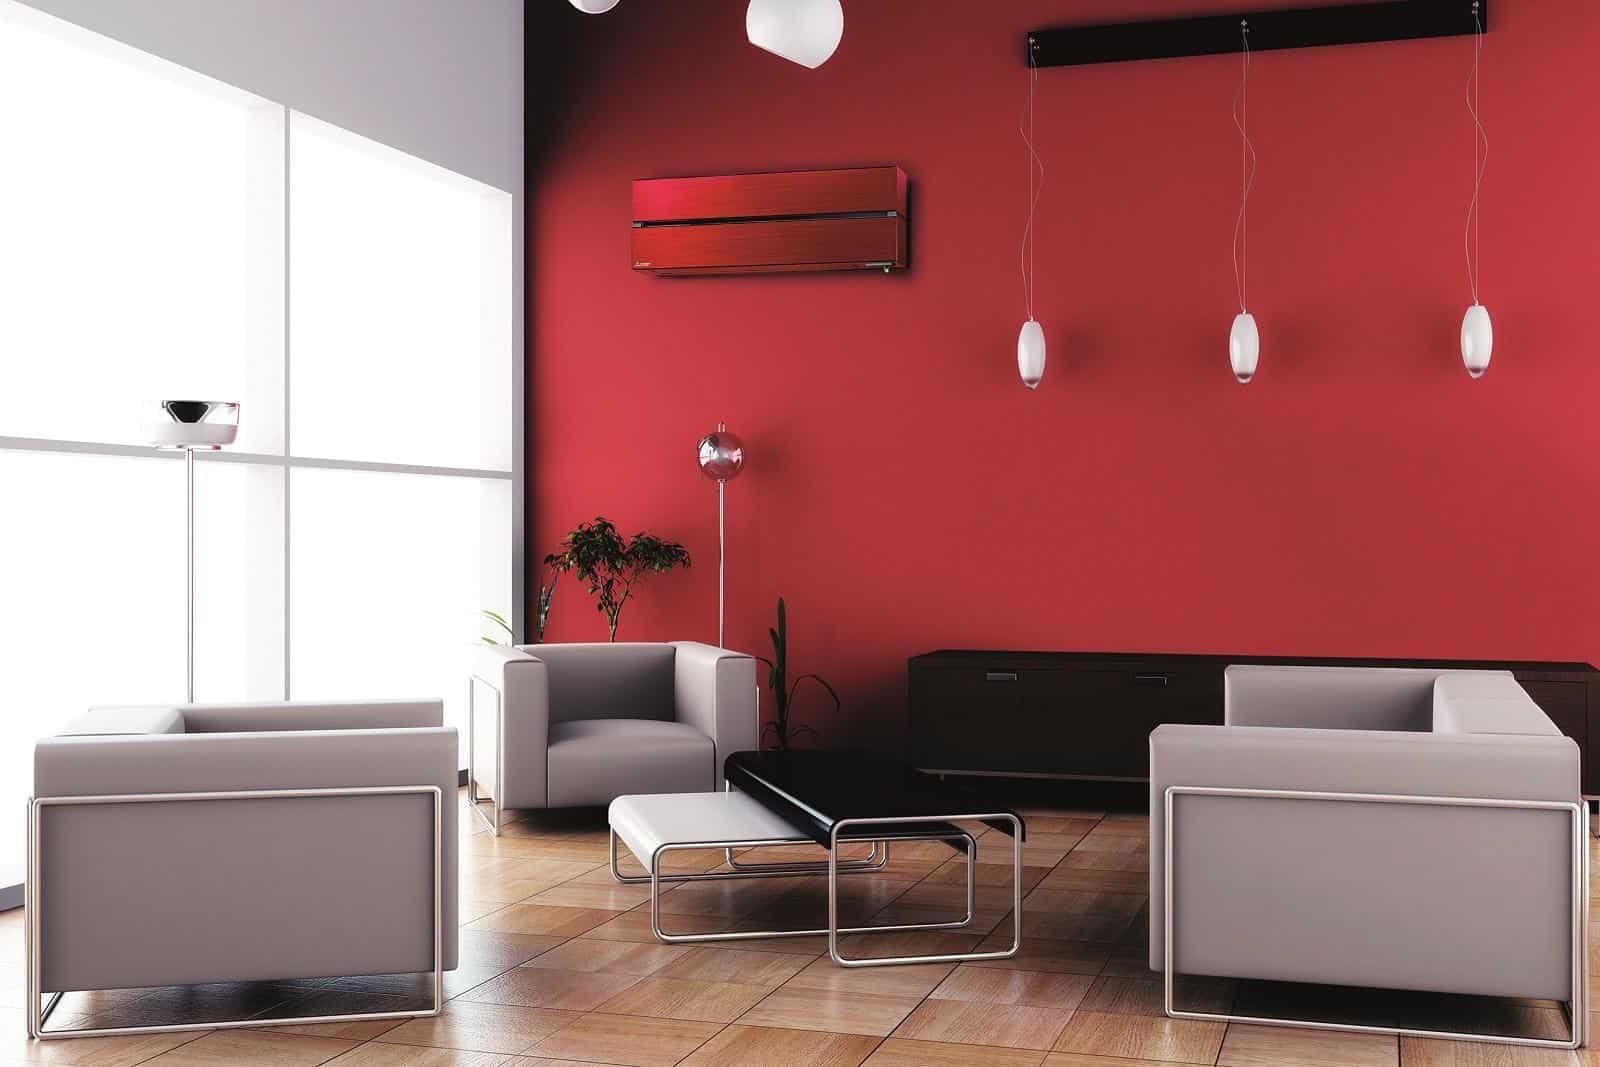 Sirt Torino - 1 mitsubishi electric MSZ LN kirigamine rosso climatizzatori di design